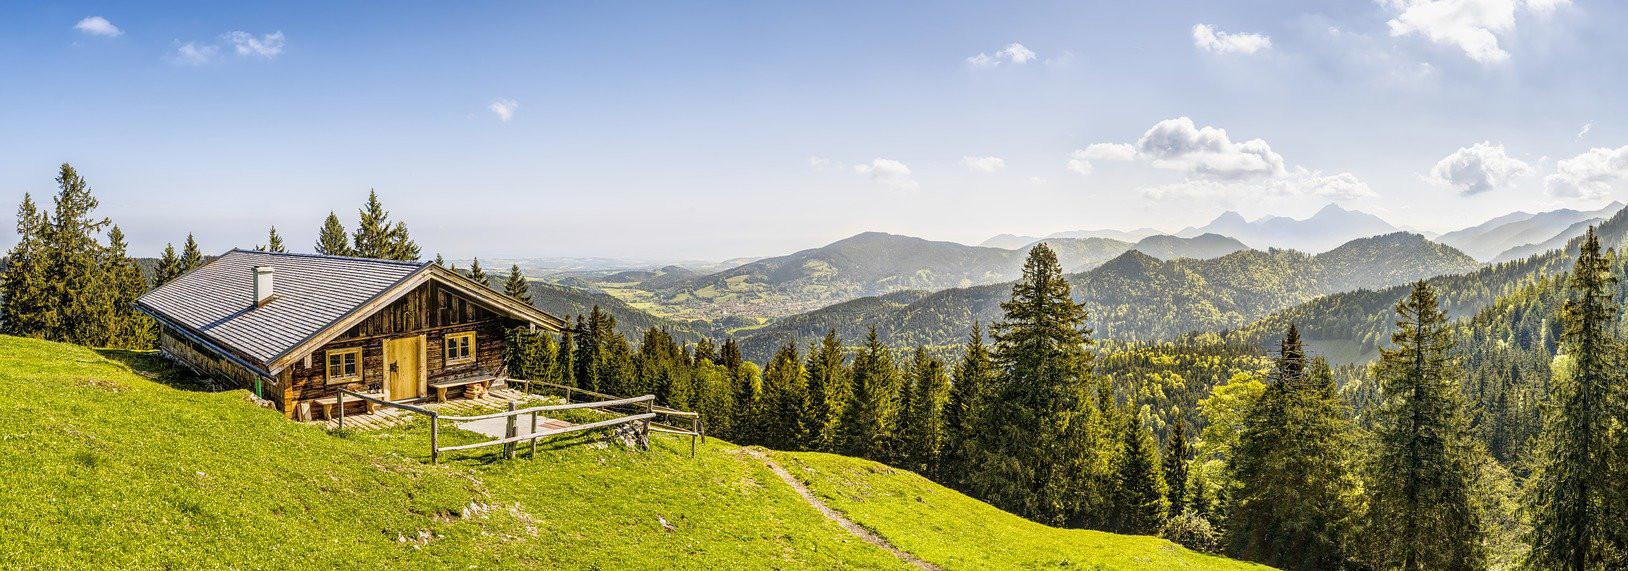 schweiz berghütte mieten maiensäss rusti